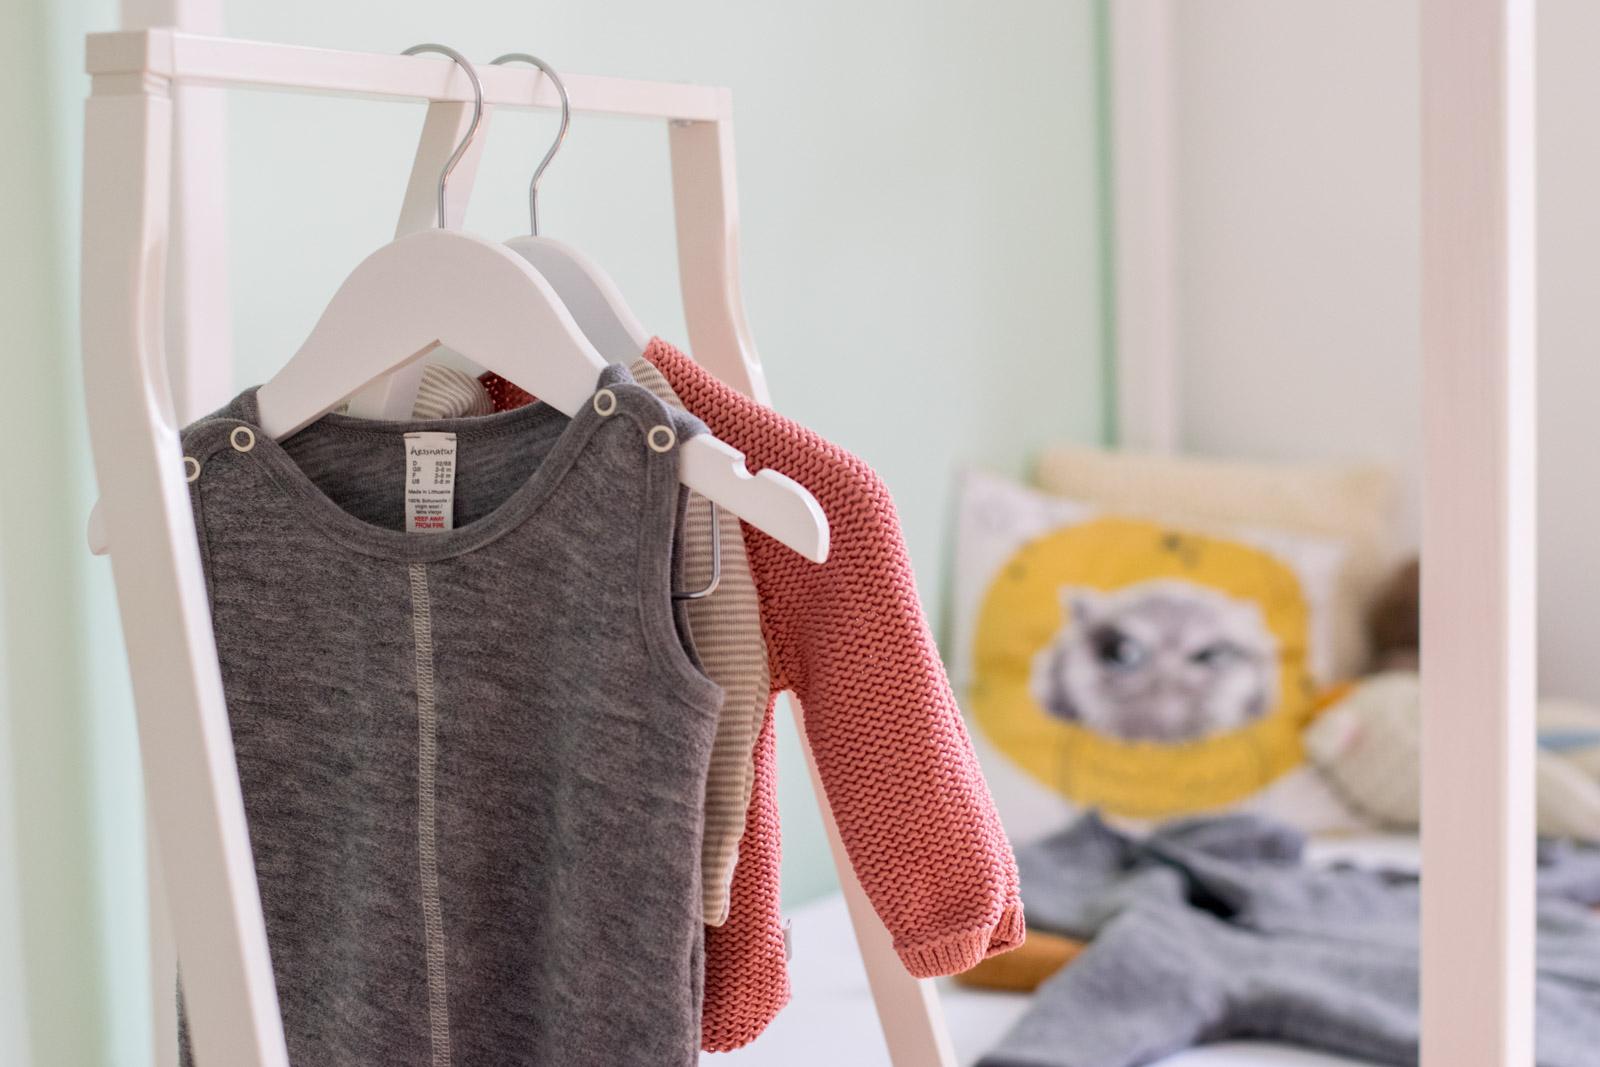 winterbaby baby winter kleidung erstaustattung was anziehen 1 von 1 4 trendshock. Black Bedroom Furniture Sets. Home Design Ideas